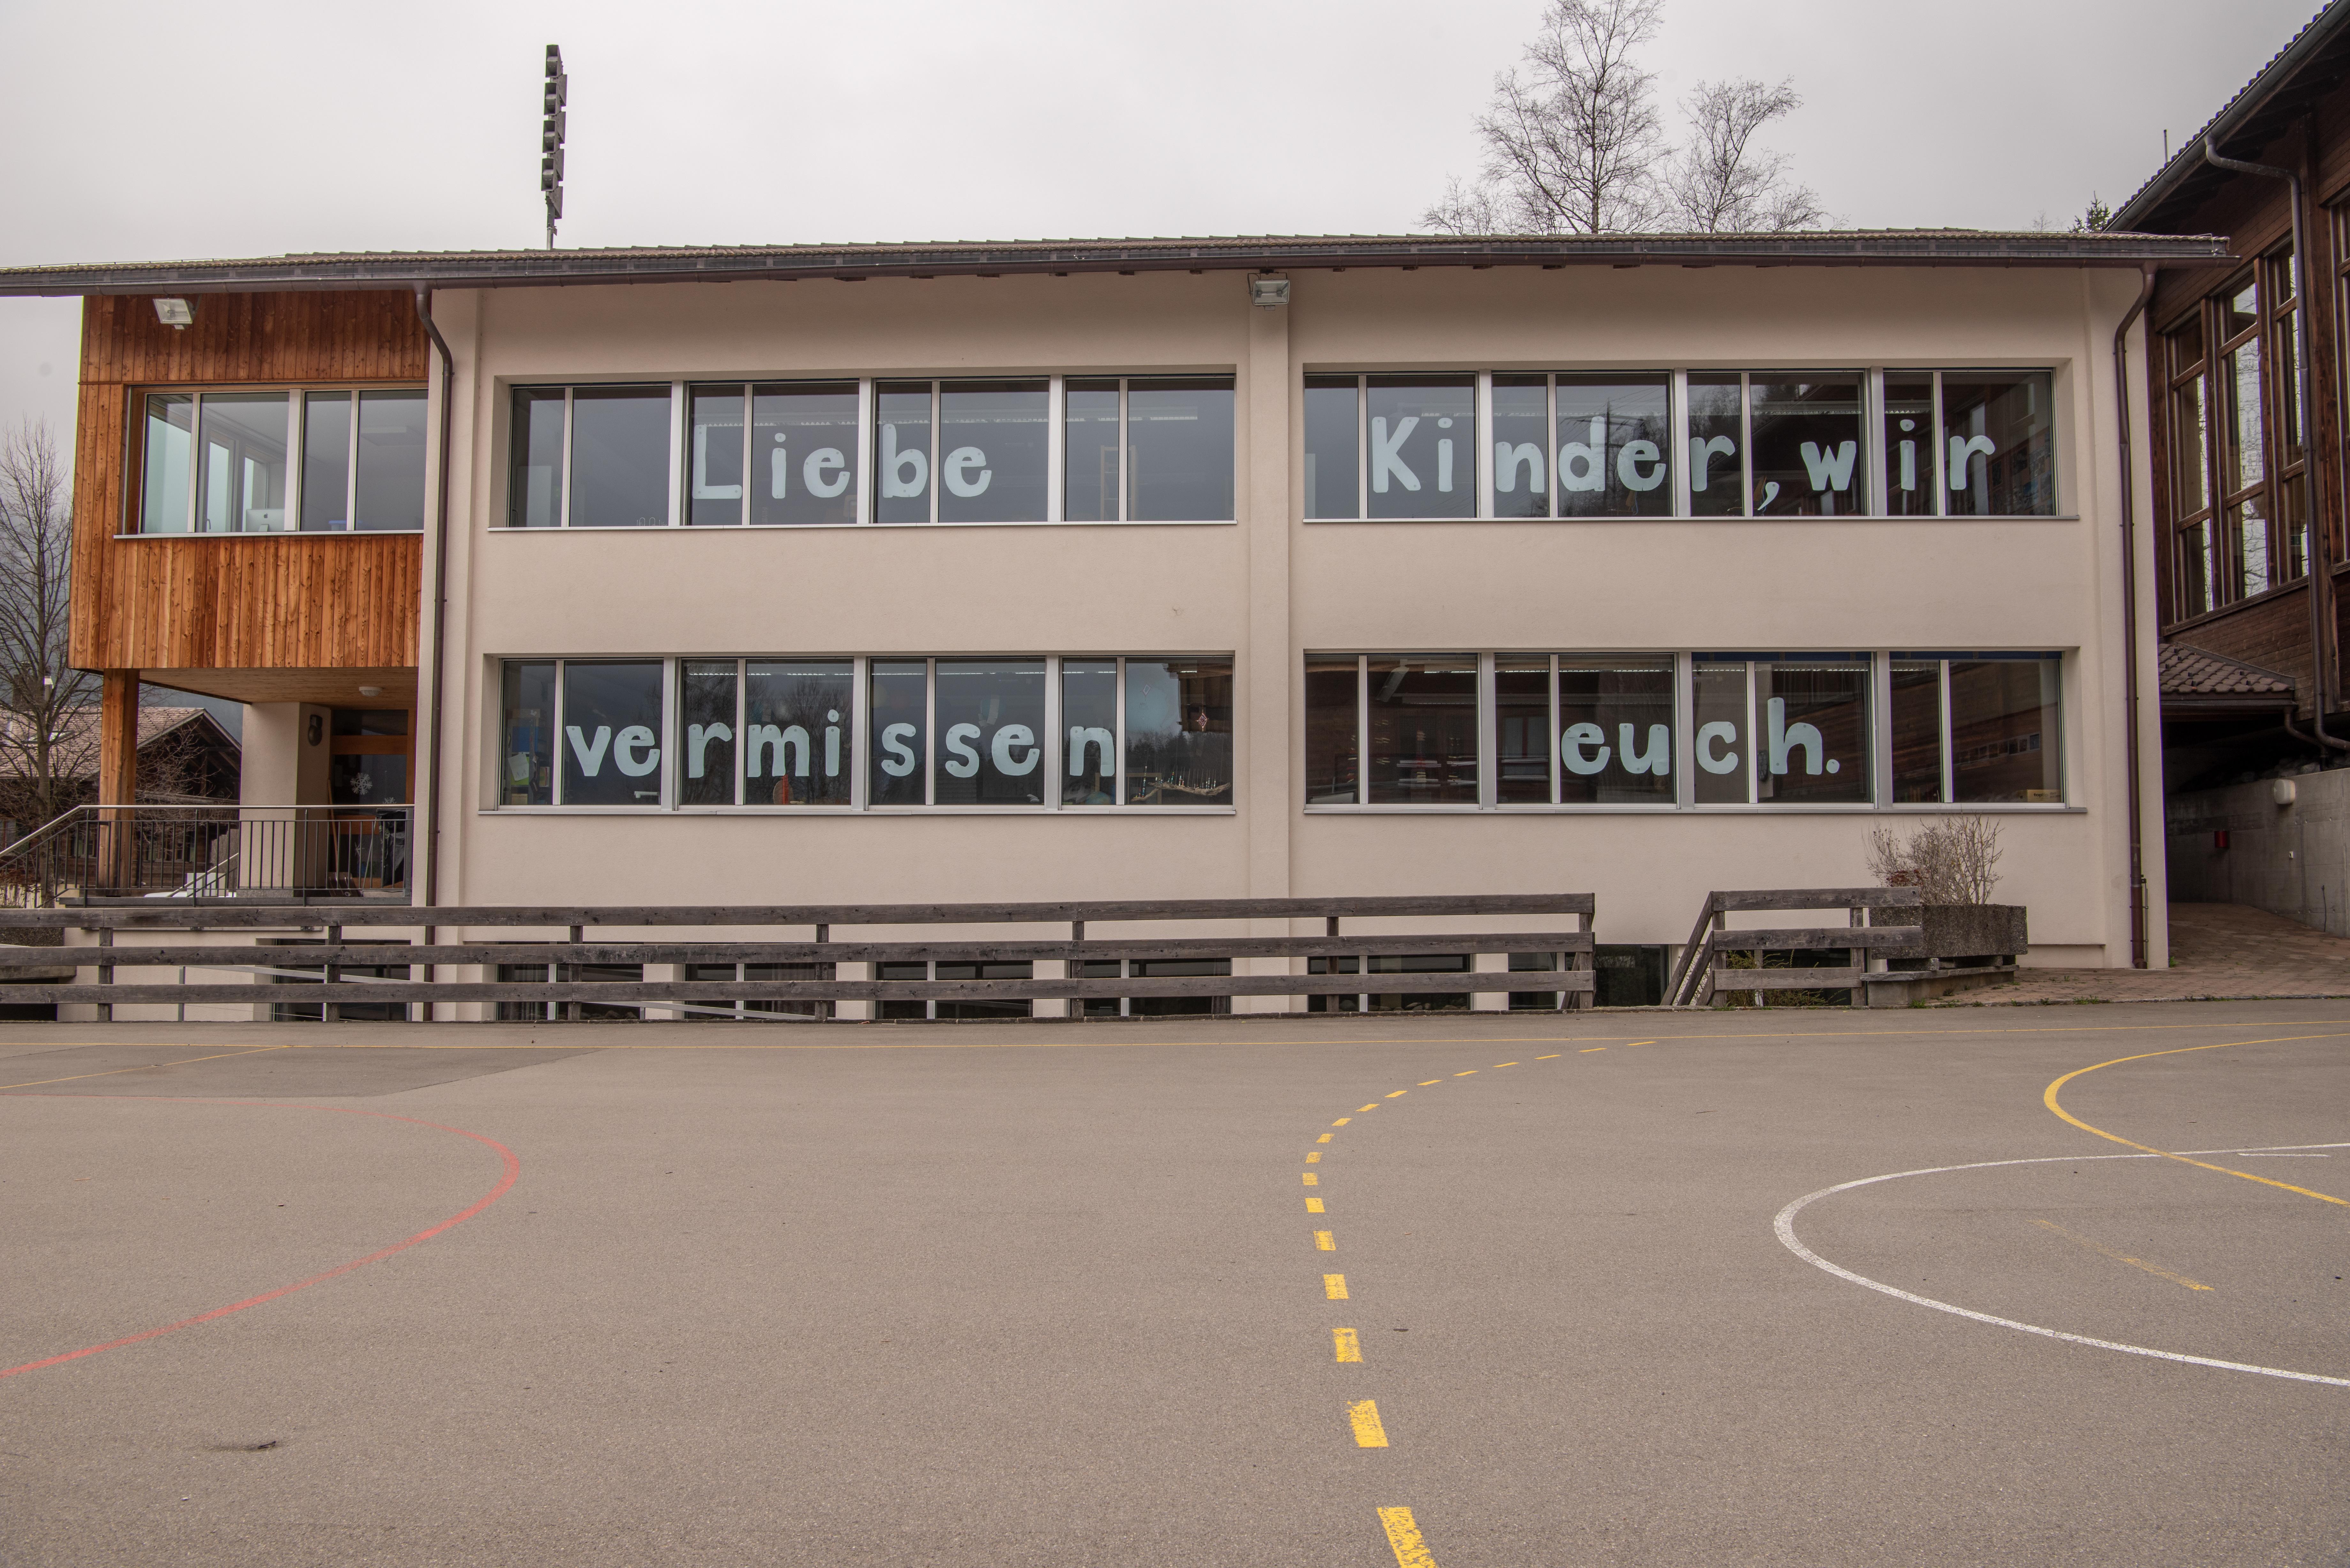 Das Lehrpersonal vermisst seine Schüler - Digitalisierung der Kommunen